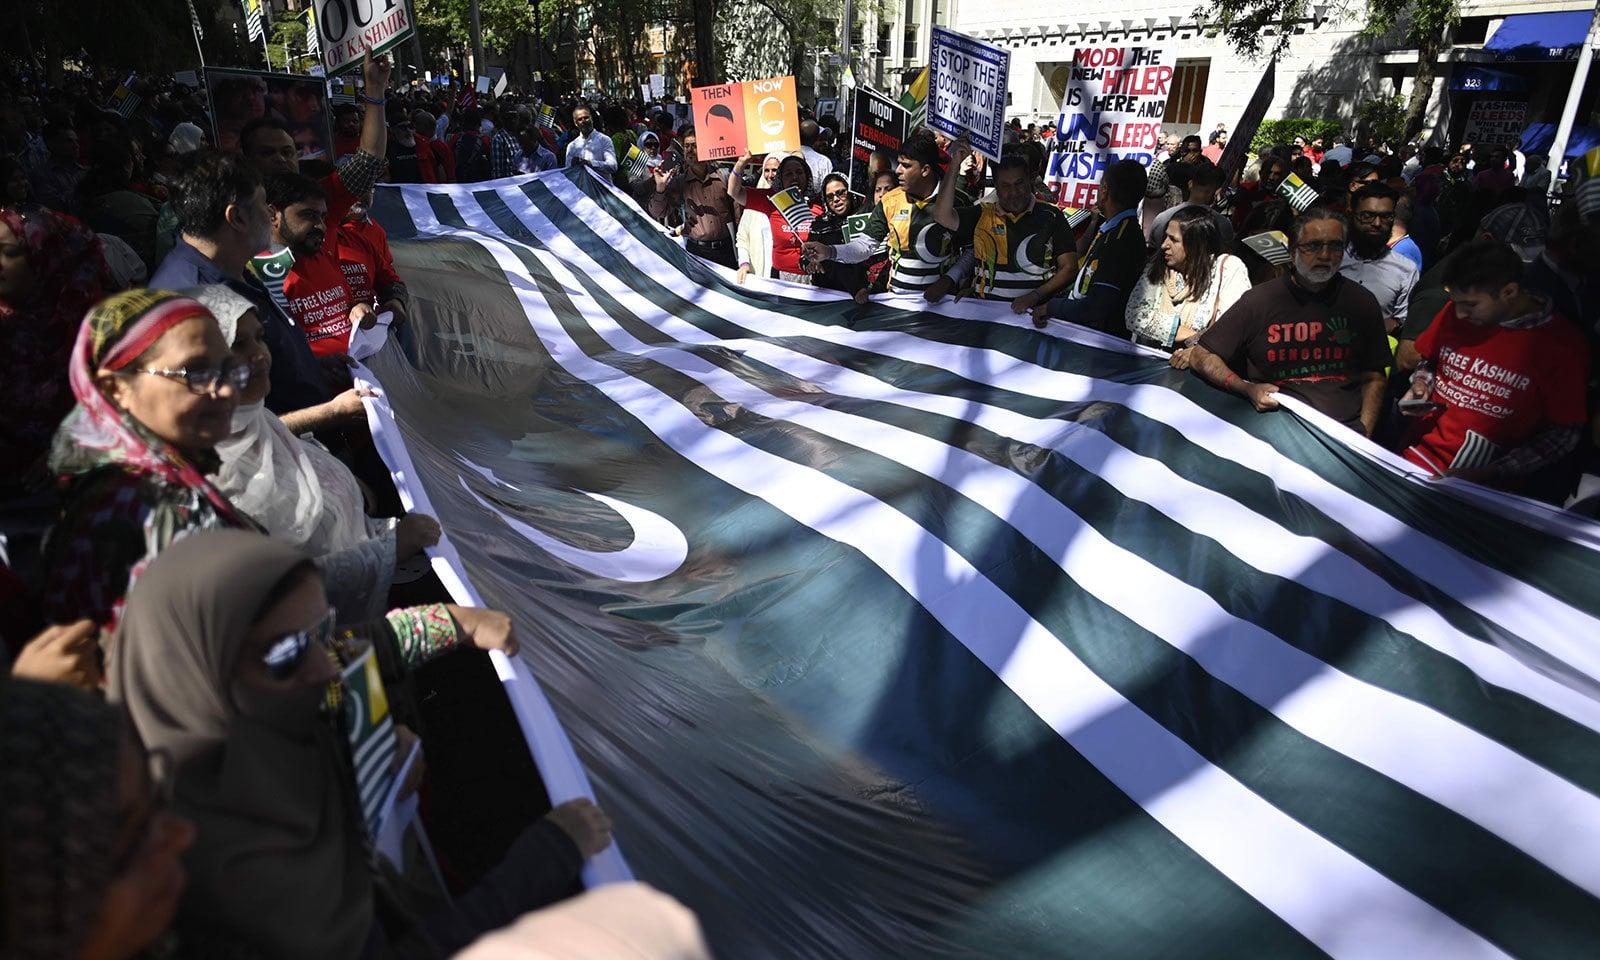 مظاہرین نے کشمیری پرچم اٹھا رکھا تھا—فوٹو:اے ایف پی